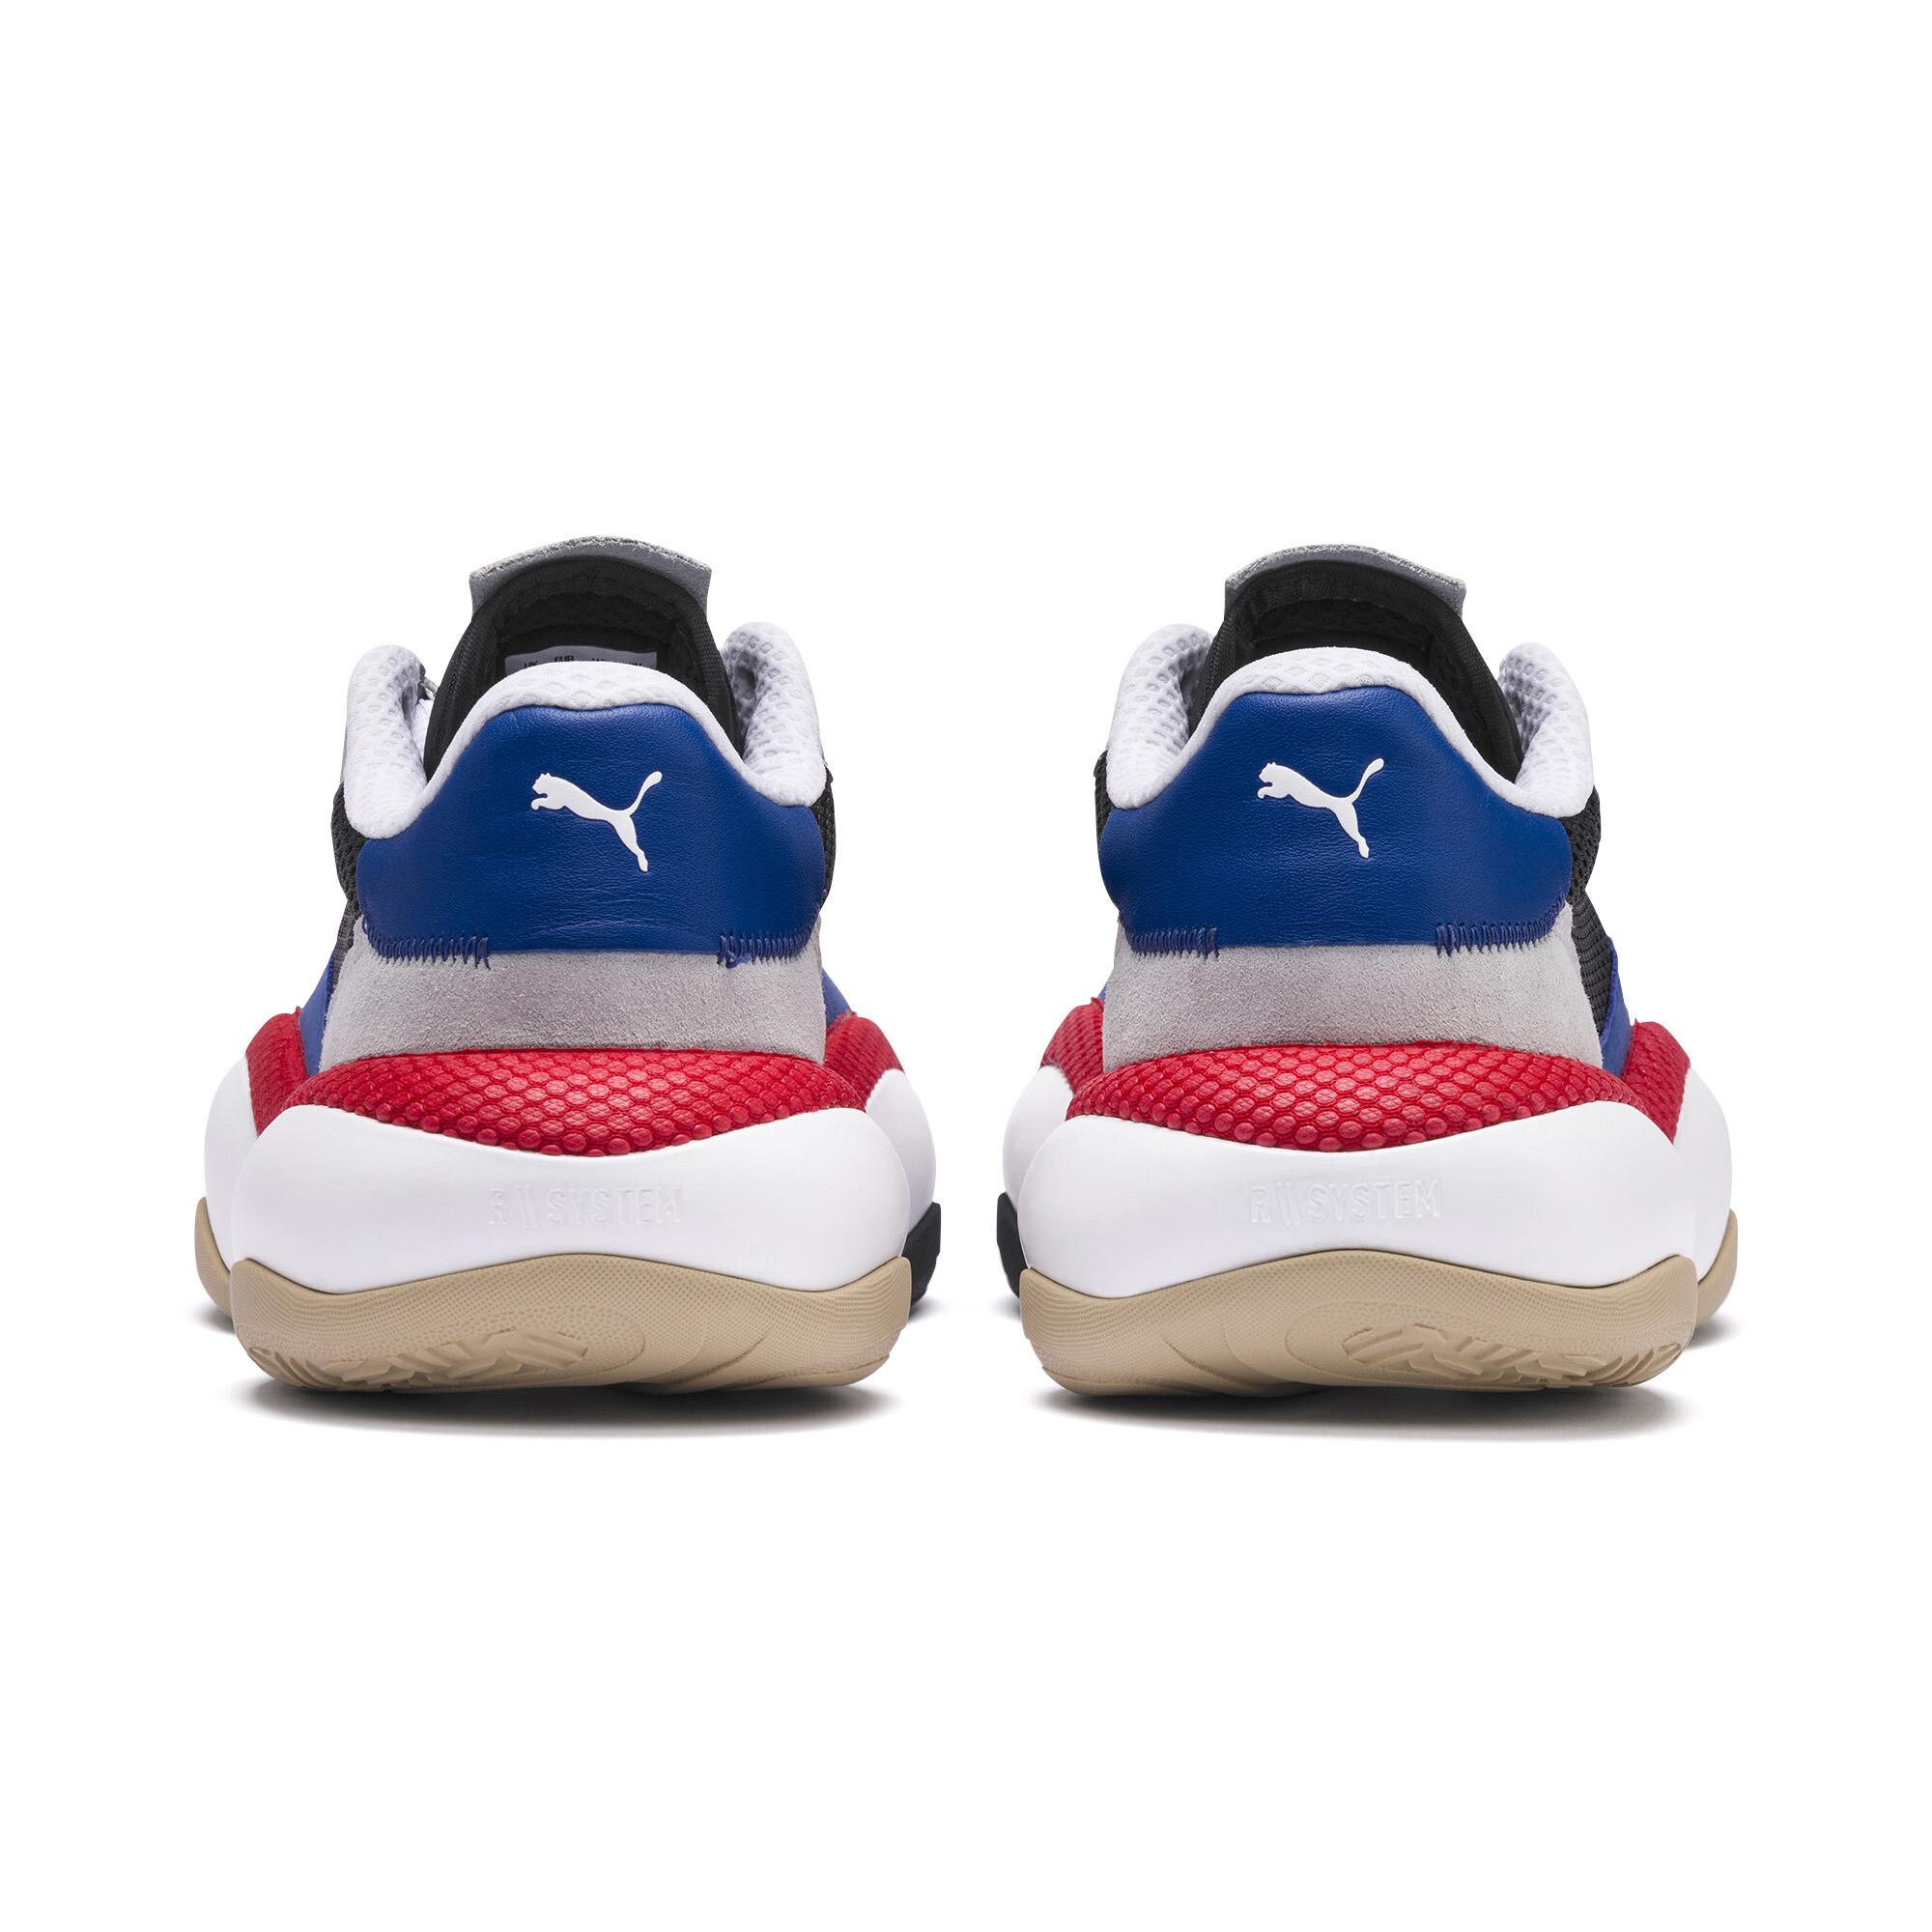 PUMA-Alteration-Kurve-Sneakers-Unisex-Shoe thumbnail 3